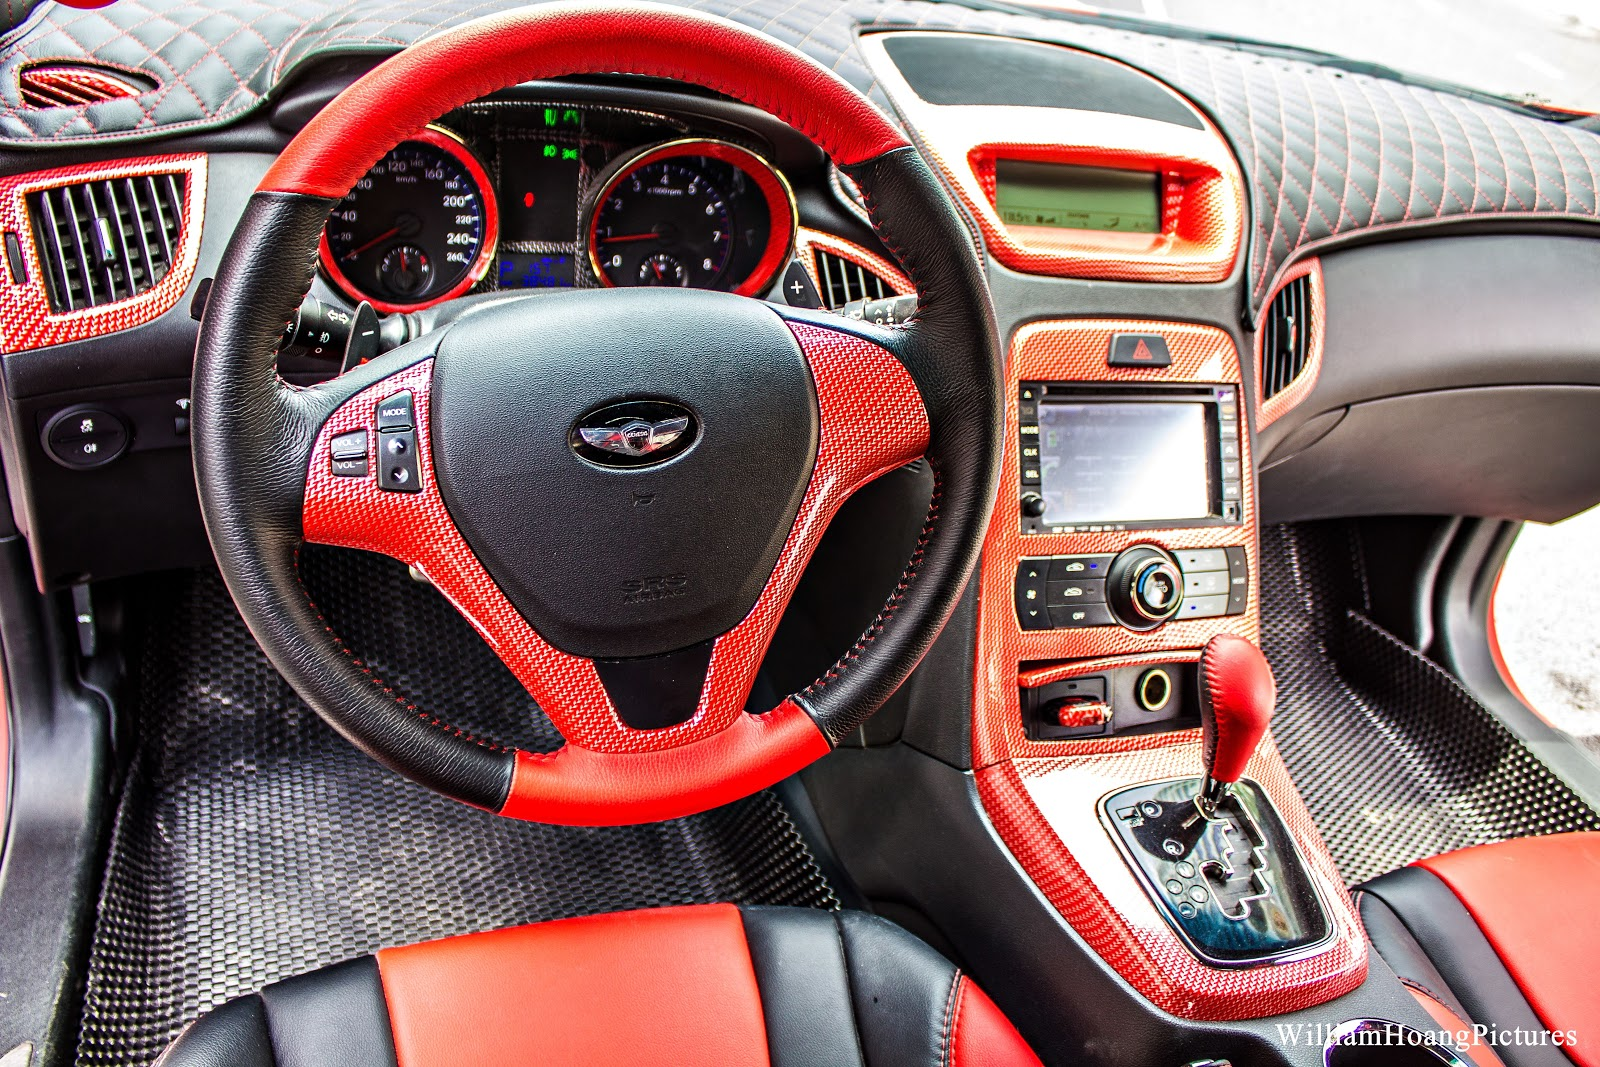 Nếu được ngồi vào xe, bạn sẽ phải bất ngờ với nội thất tuyệt đẹp, thể thao cá tính của Deadpool